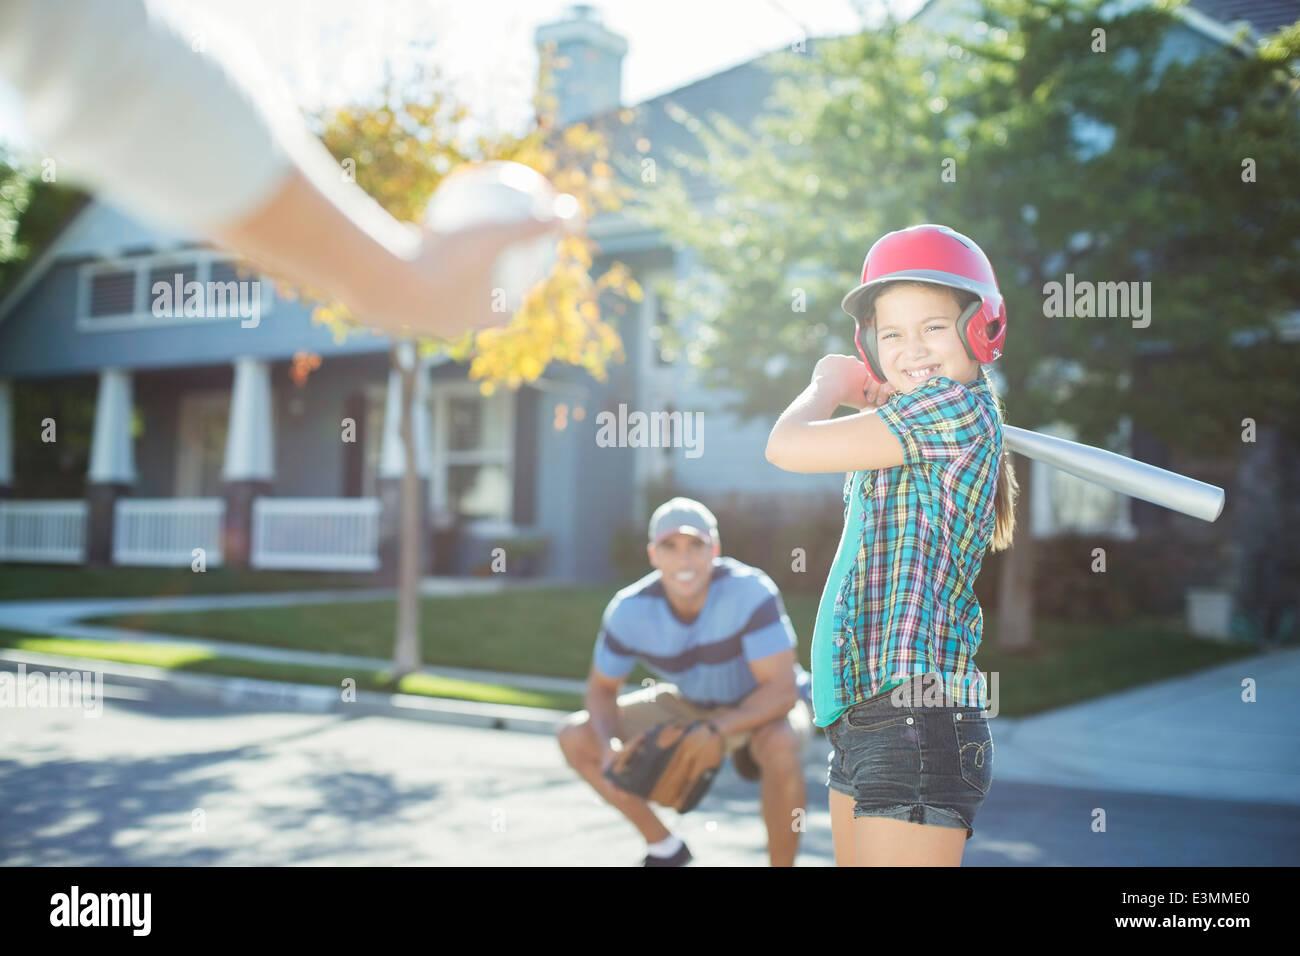 La famiglia a giocare a baseball in strada Immagini Stock